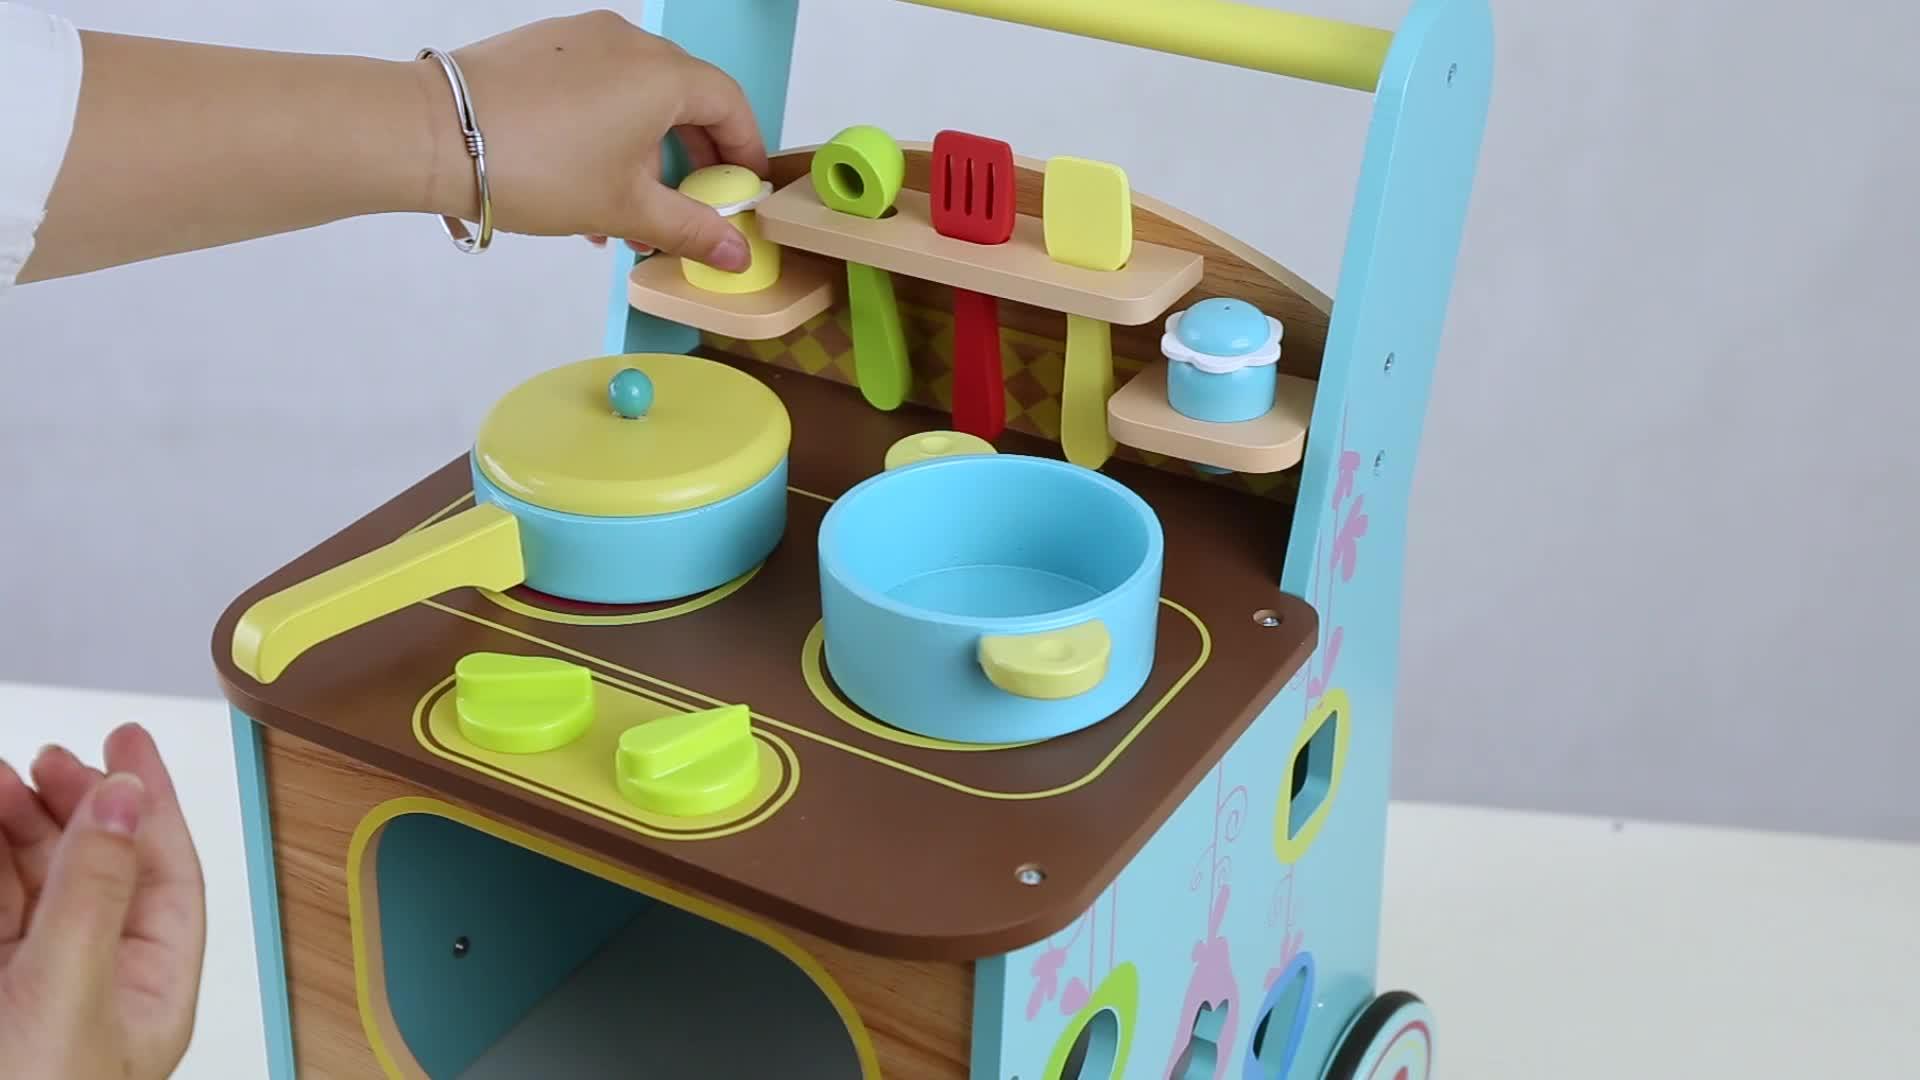 2018 New Multifunction Kitchen Set Toy Children Wooden Baby Activity ...